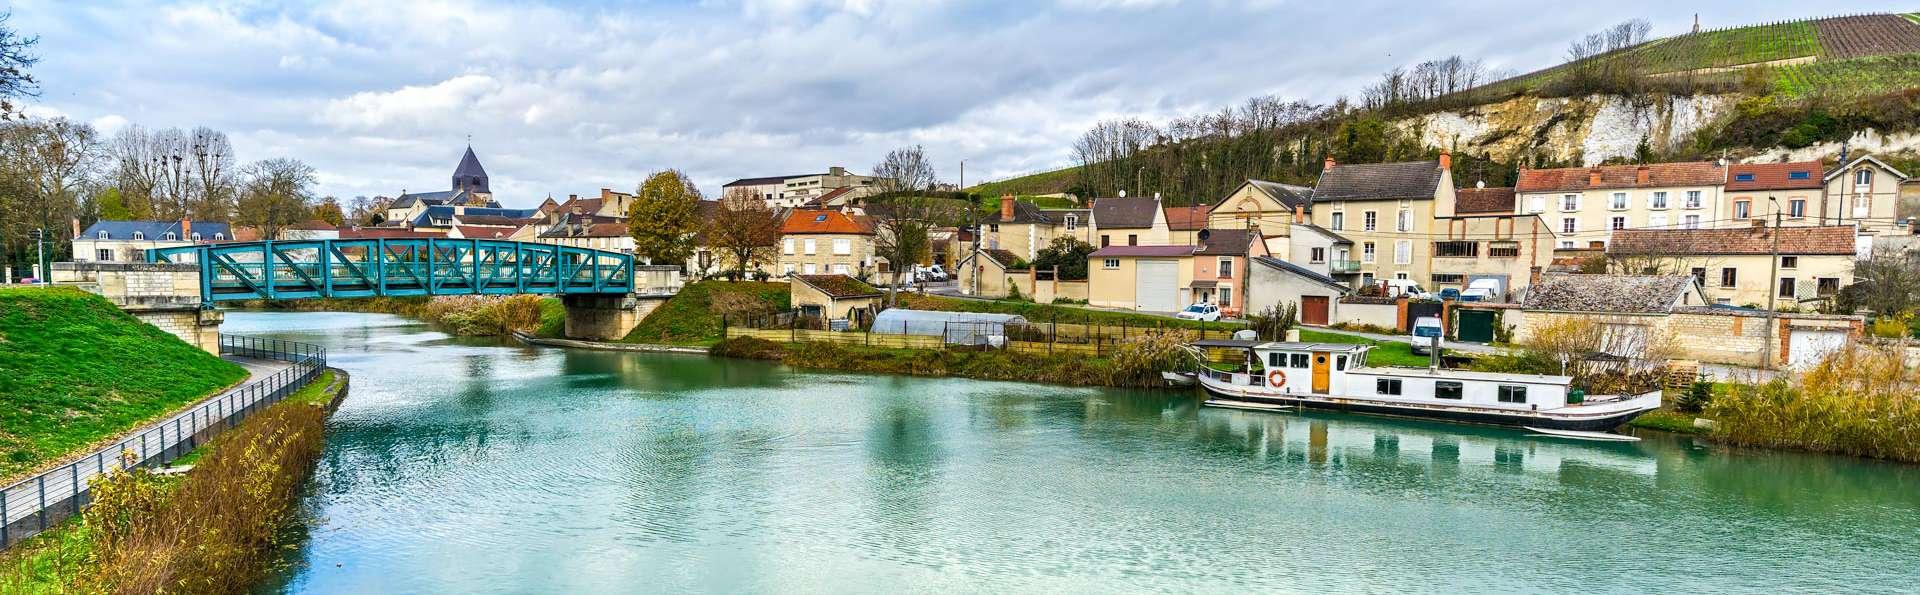 Escapade dans la nature à Essômes-sur-Marne